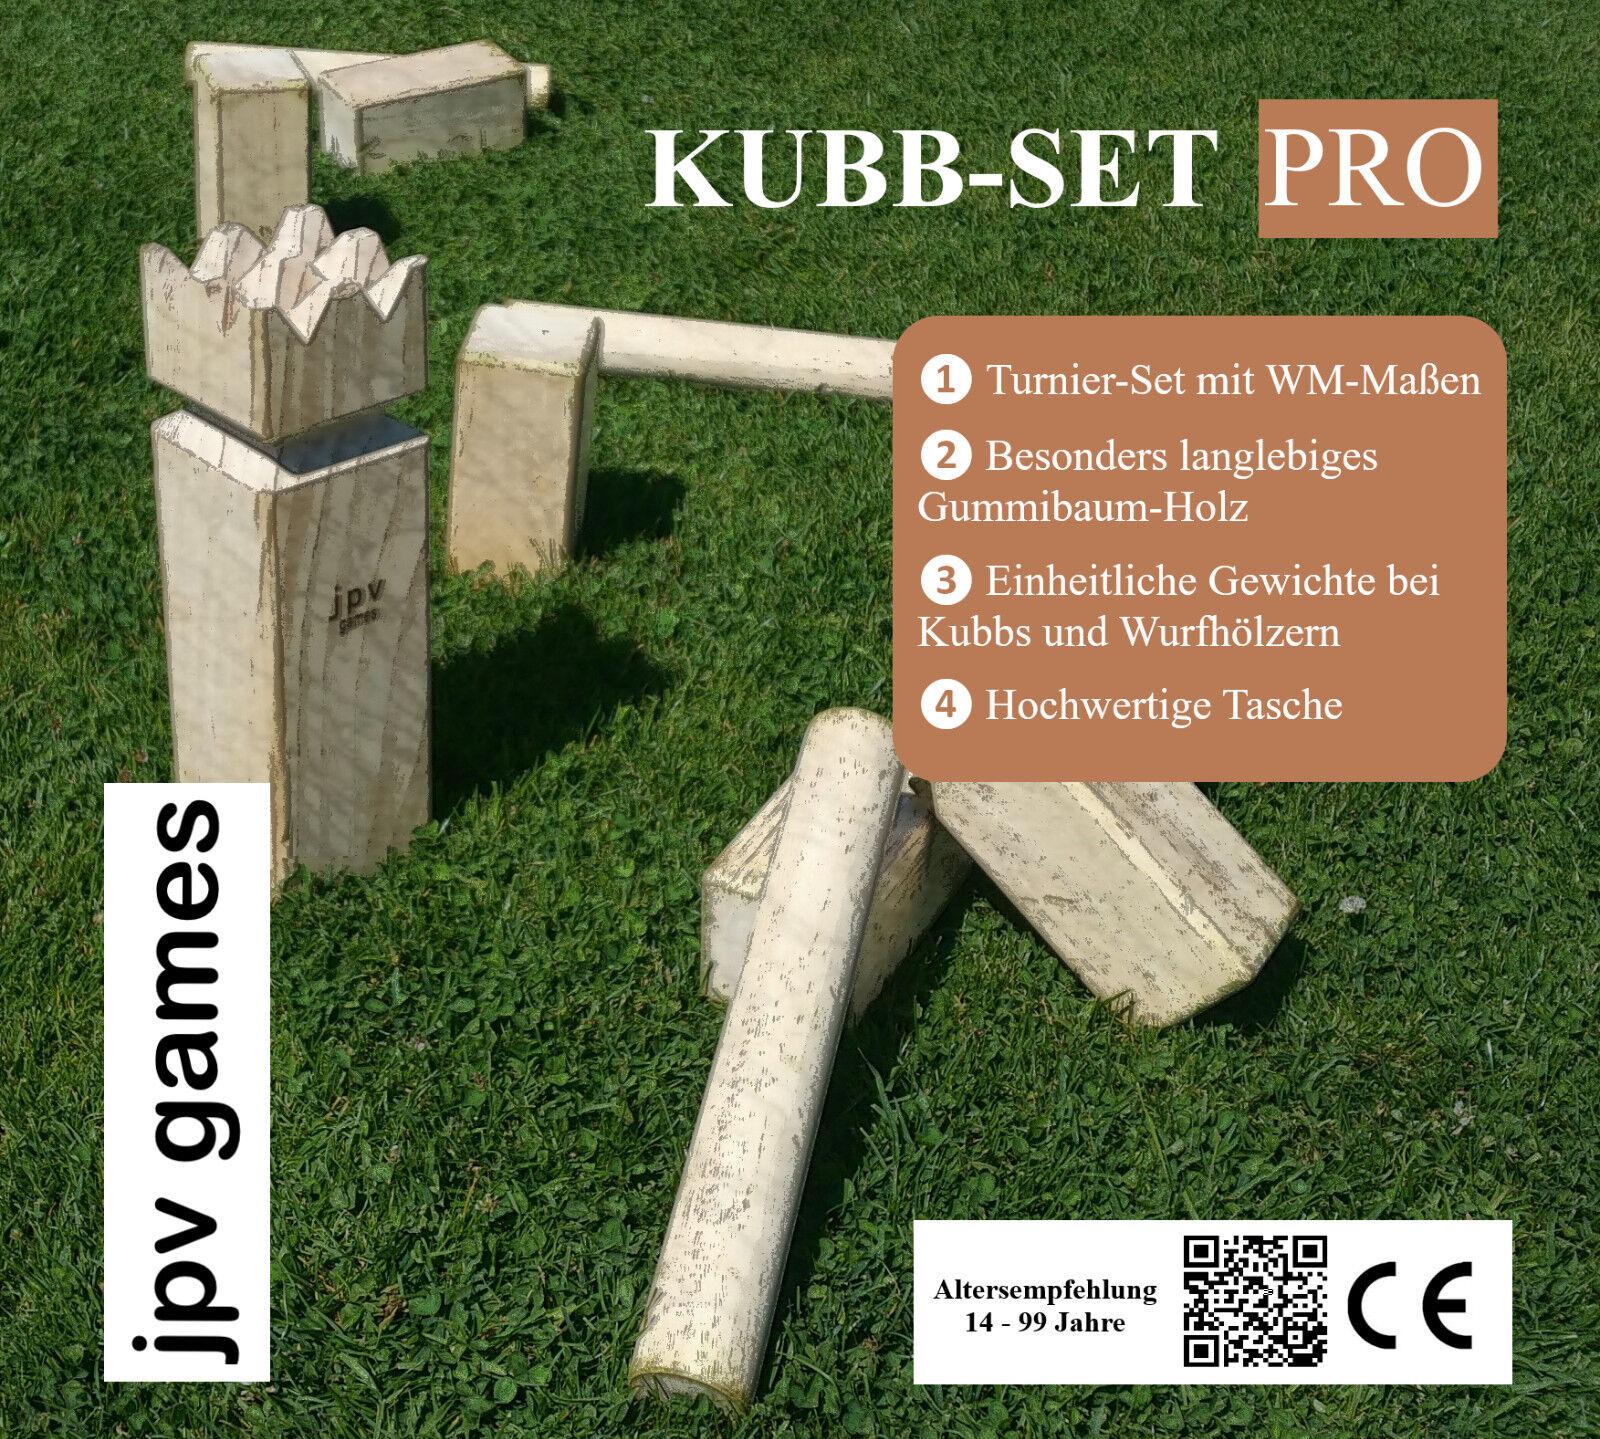 Kubb Wikingerspiel WM-Größe WM-Größe WM-Größe 7x7x15 jpv games langlebiges Gummibaum-Holz 7bd606